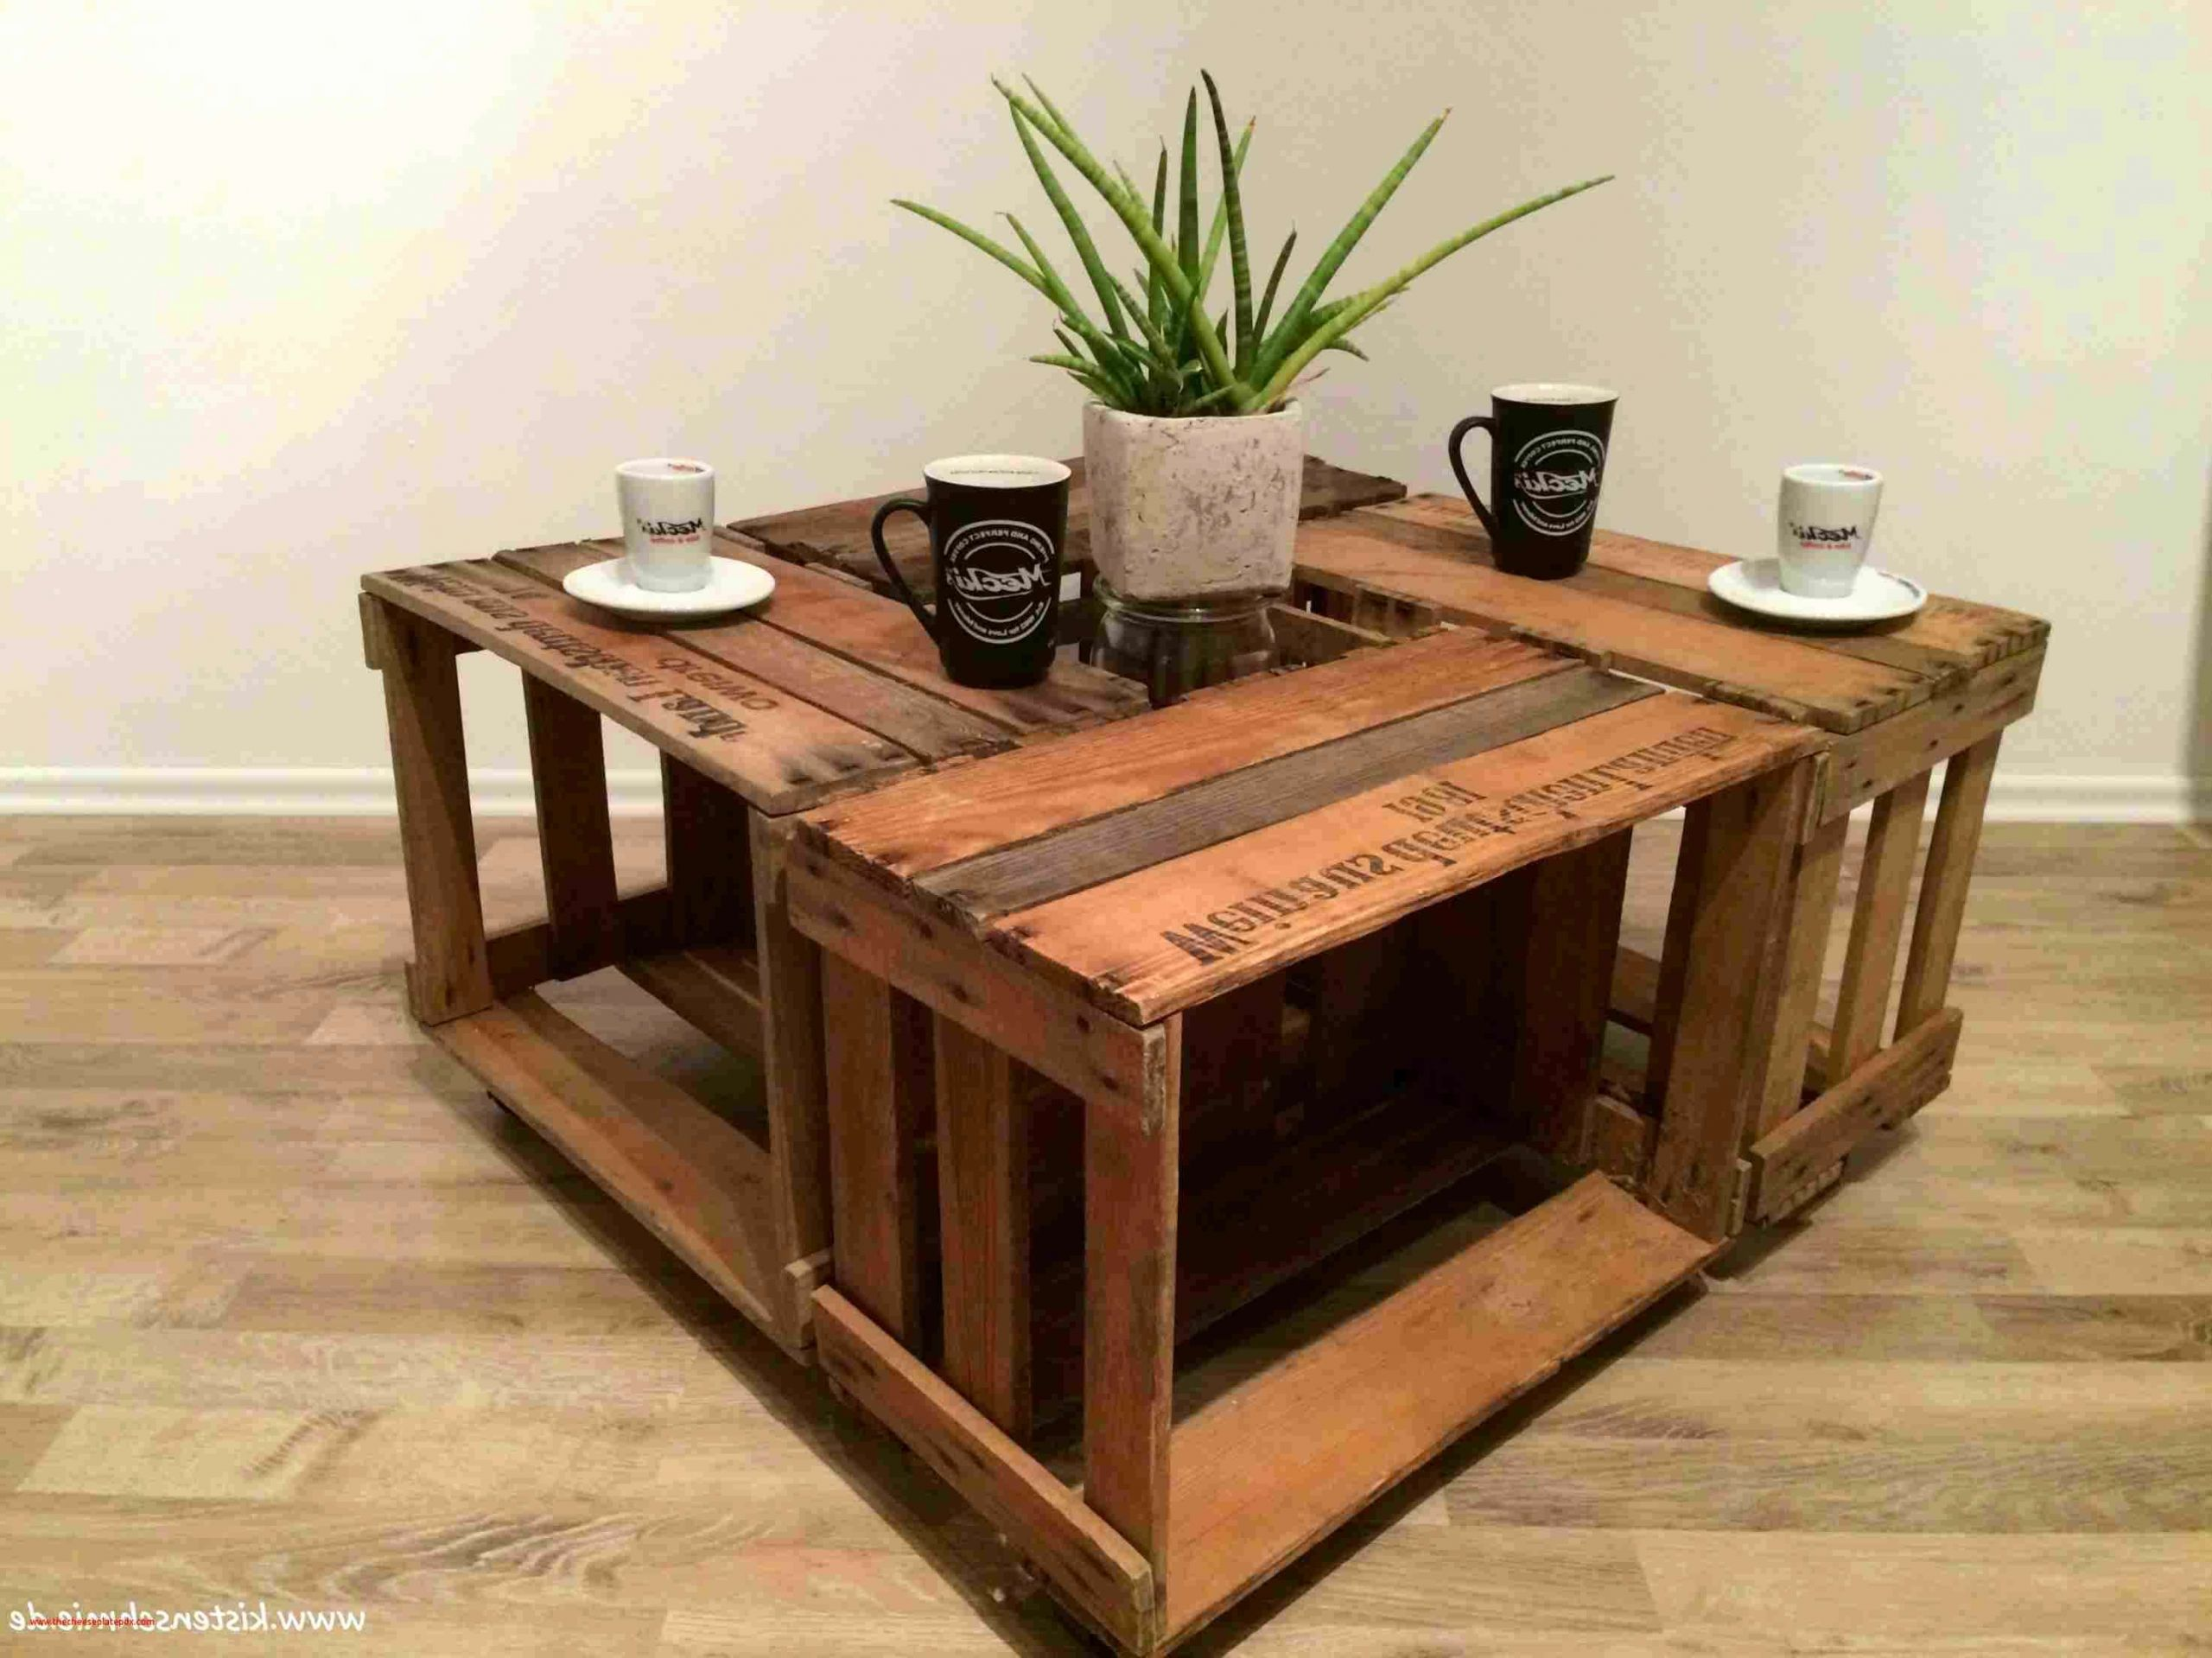 beistelltisch ideen neu glas rund foto genial designer tisch selber machen wohnzimmer deko